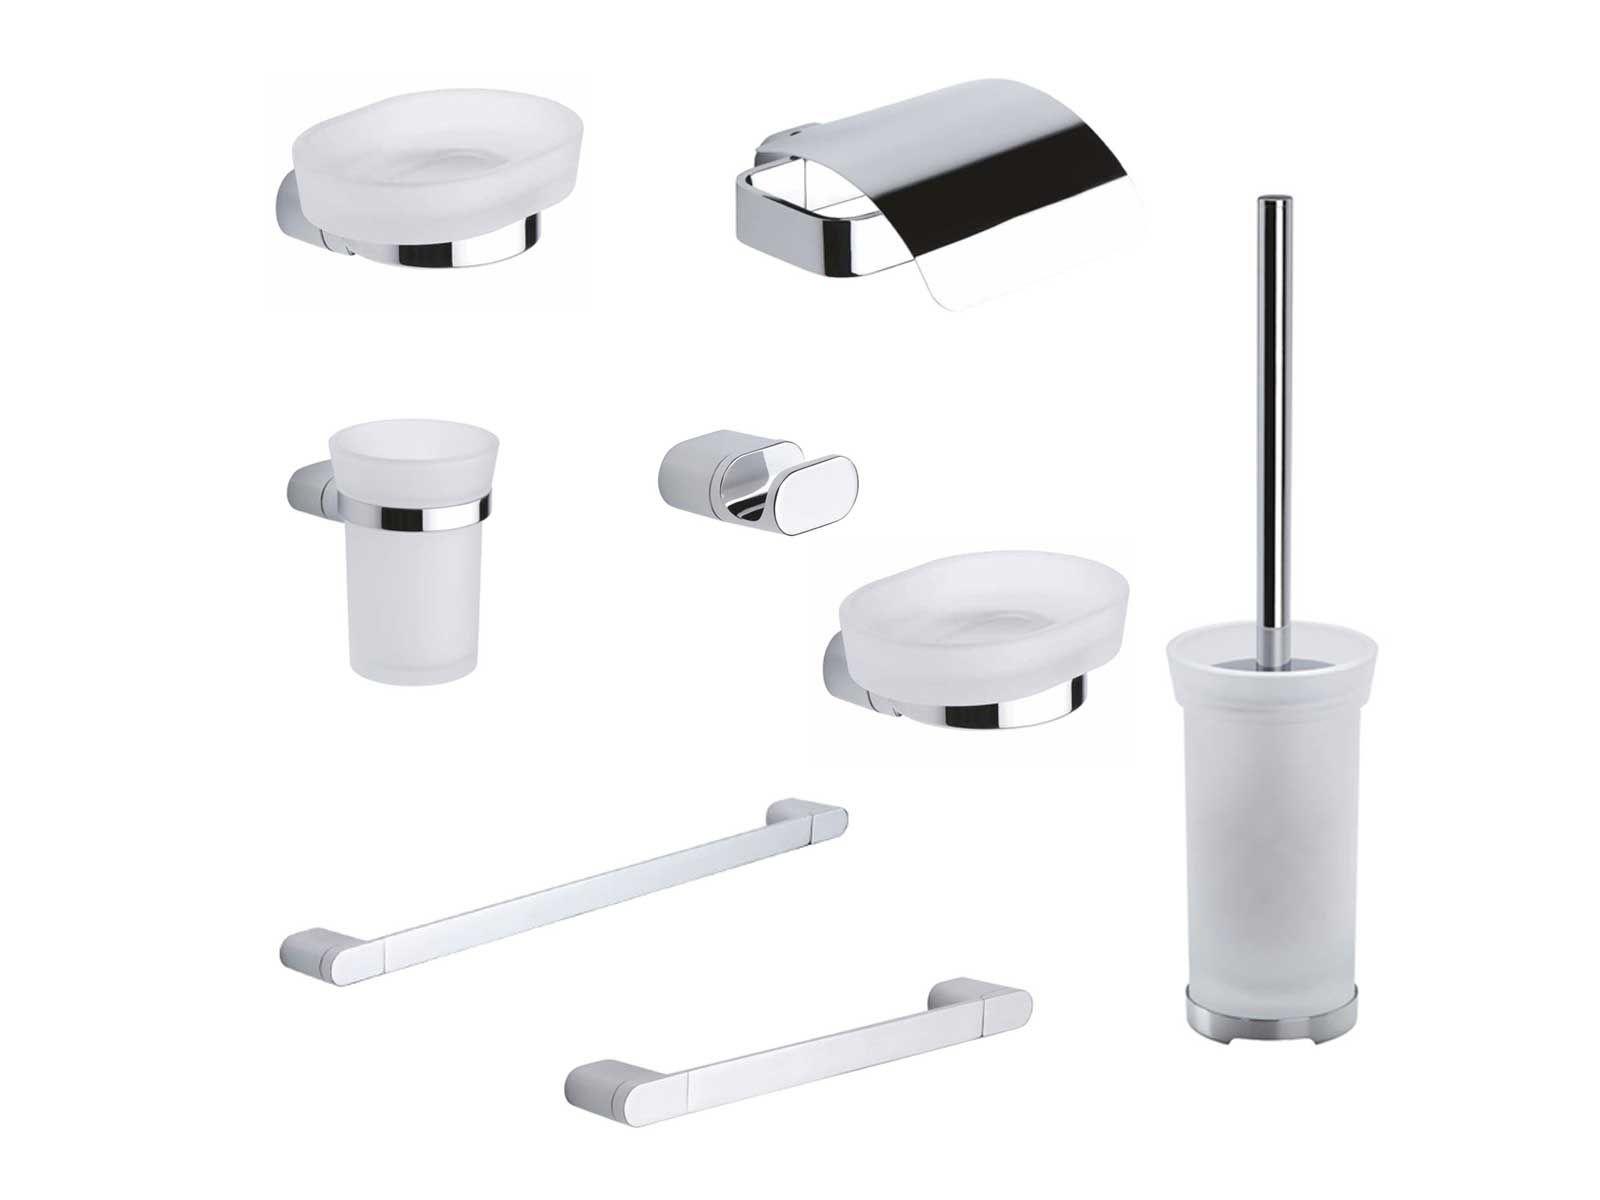 Kit accessori bagno mida 8 pezzi metaform for Kit accessori bagno